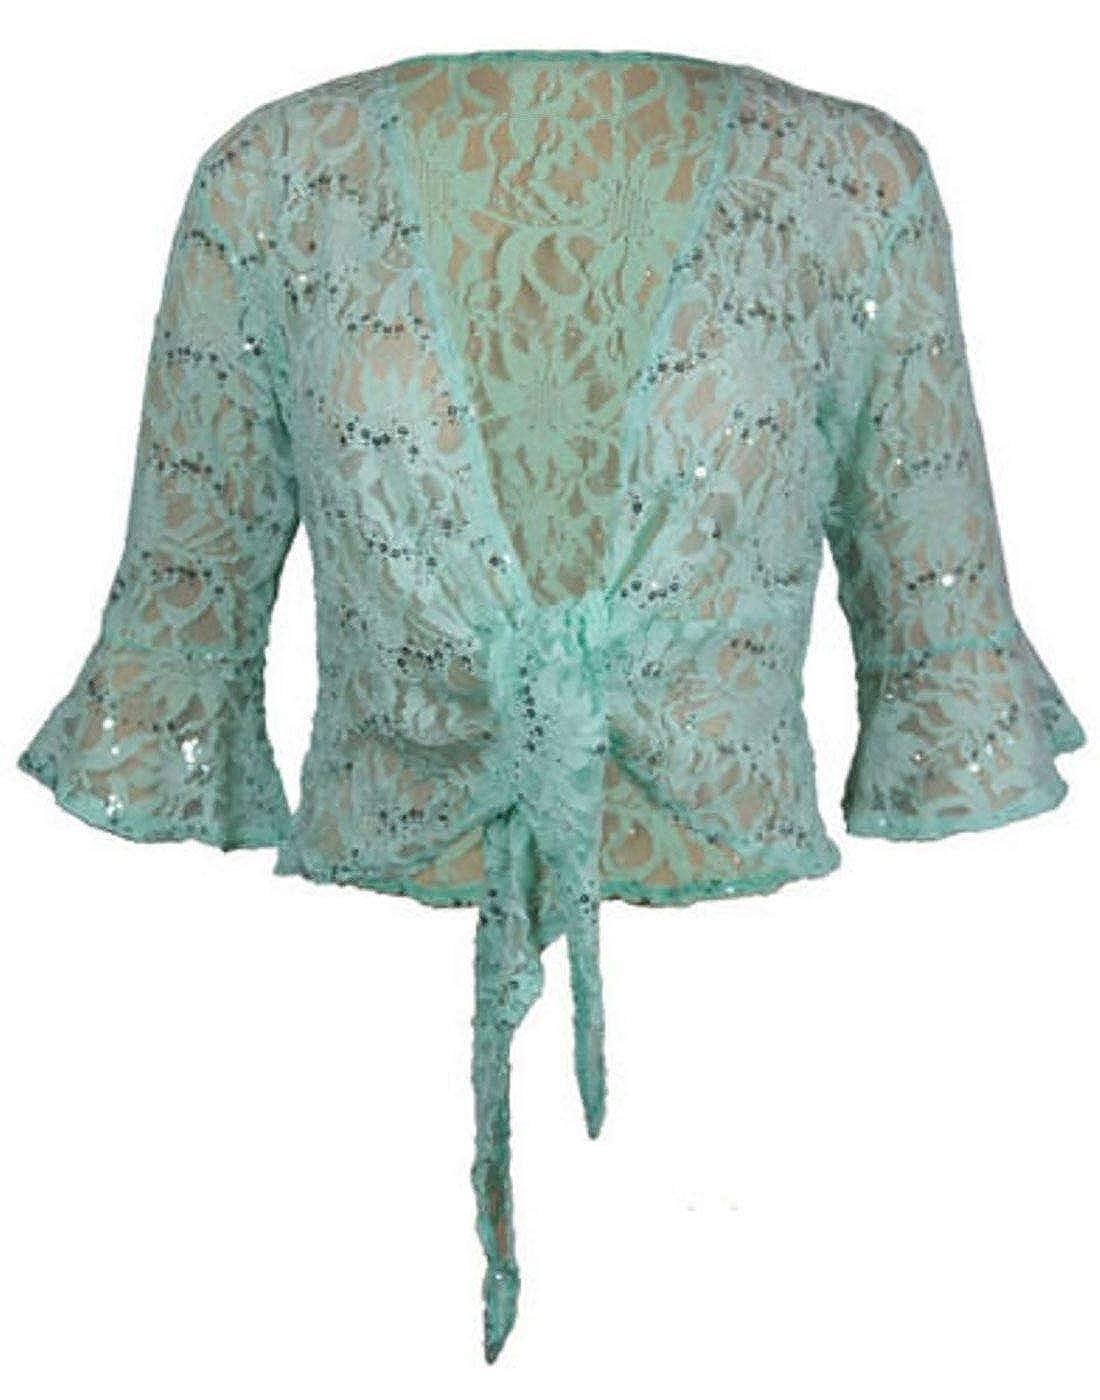 21FASHION Fancy 3//4 Sleeve Sequin Bolero Shrug Cardigan